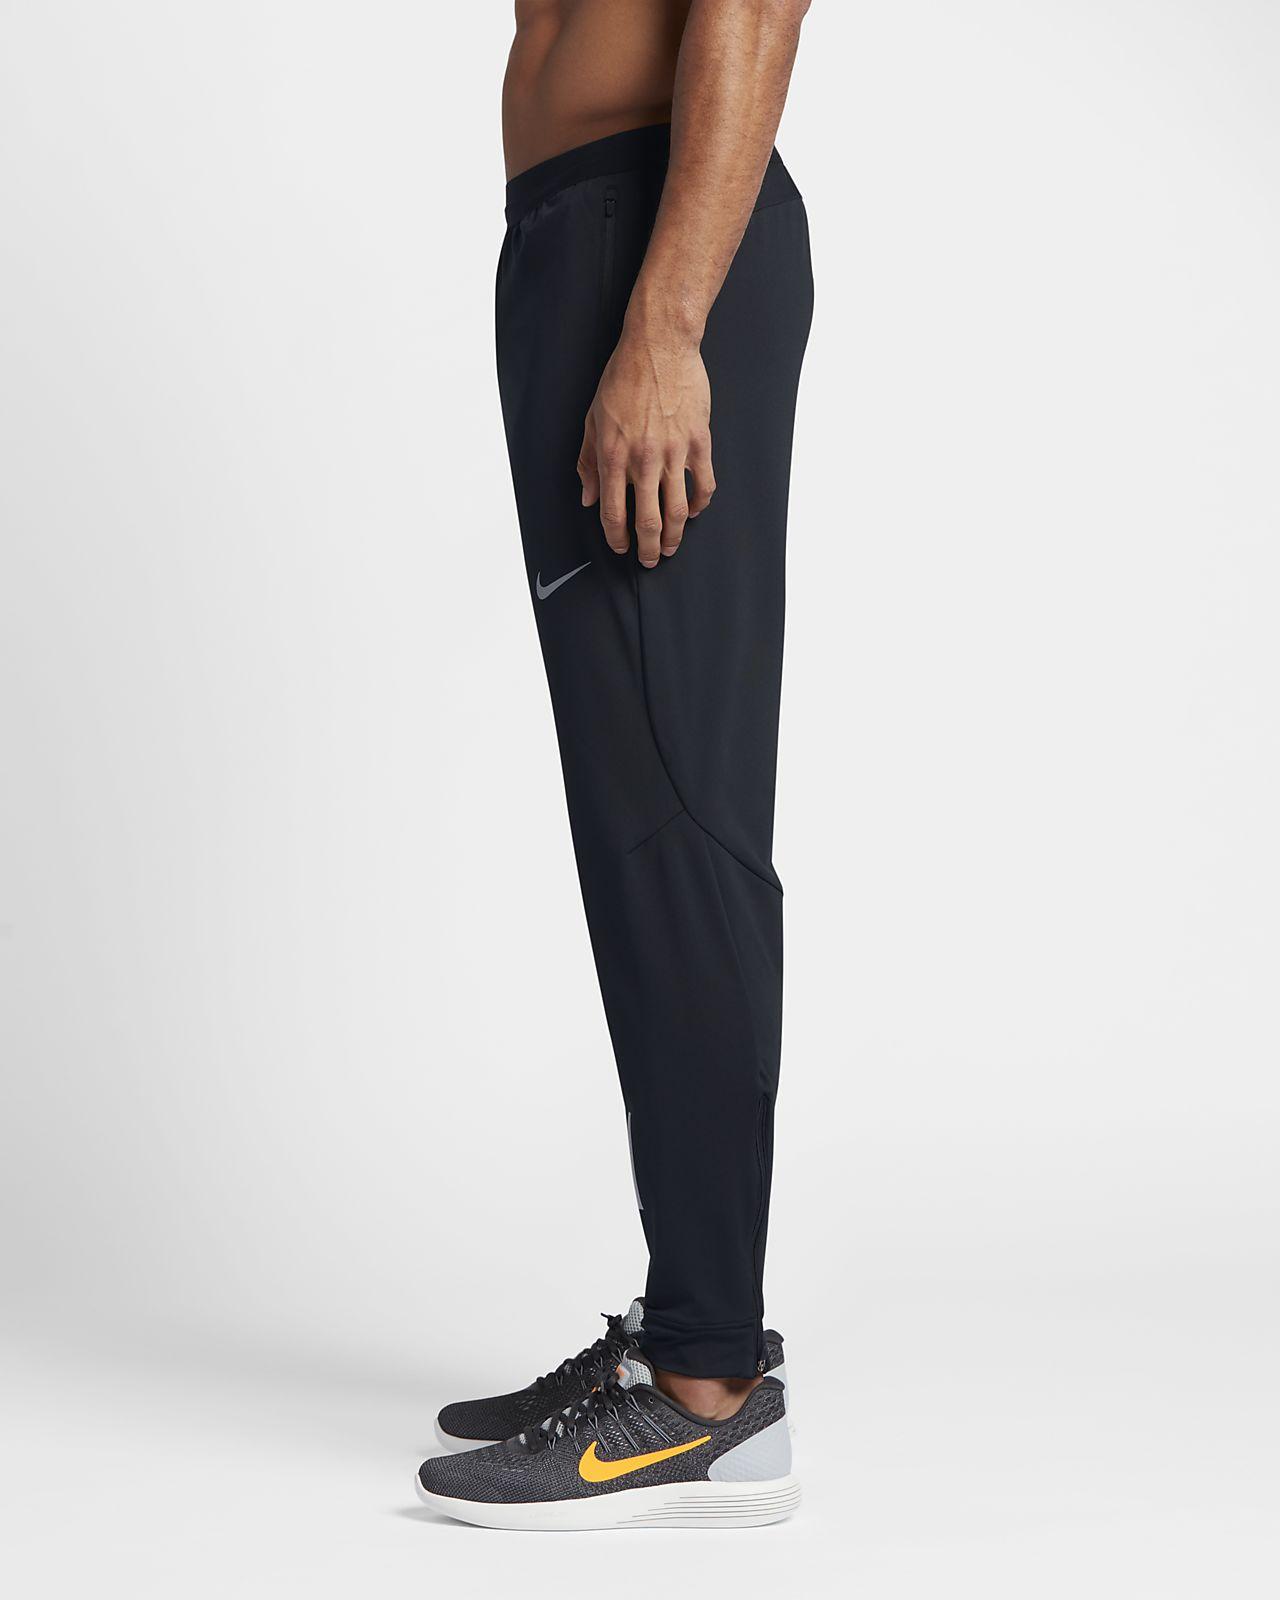 nike men's dri-fit thermal running pants